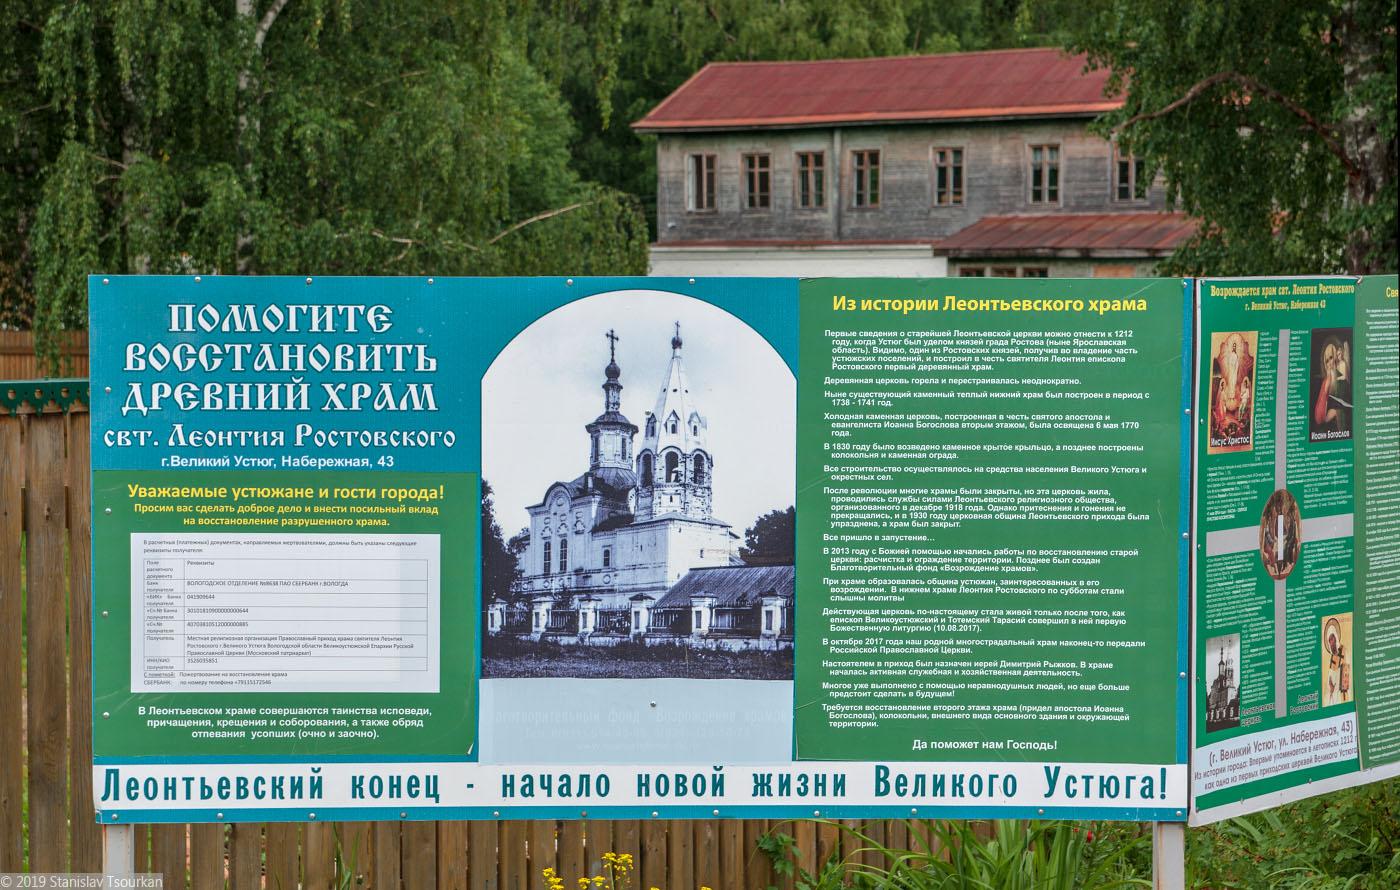 Вологодская область, Вологодчина, Великий устюг, Русский север, Леонтьевский конец, сахарный конец